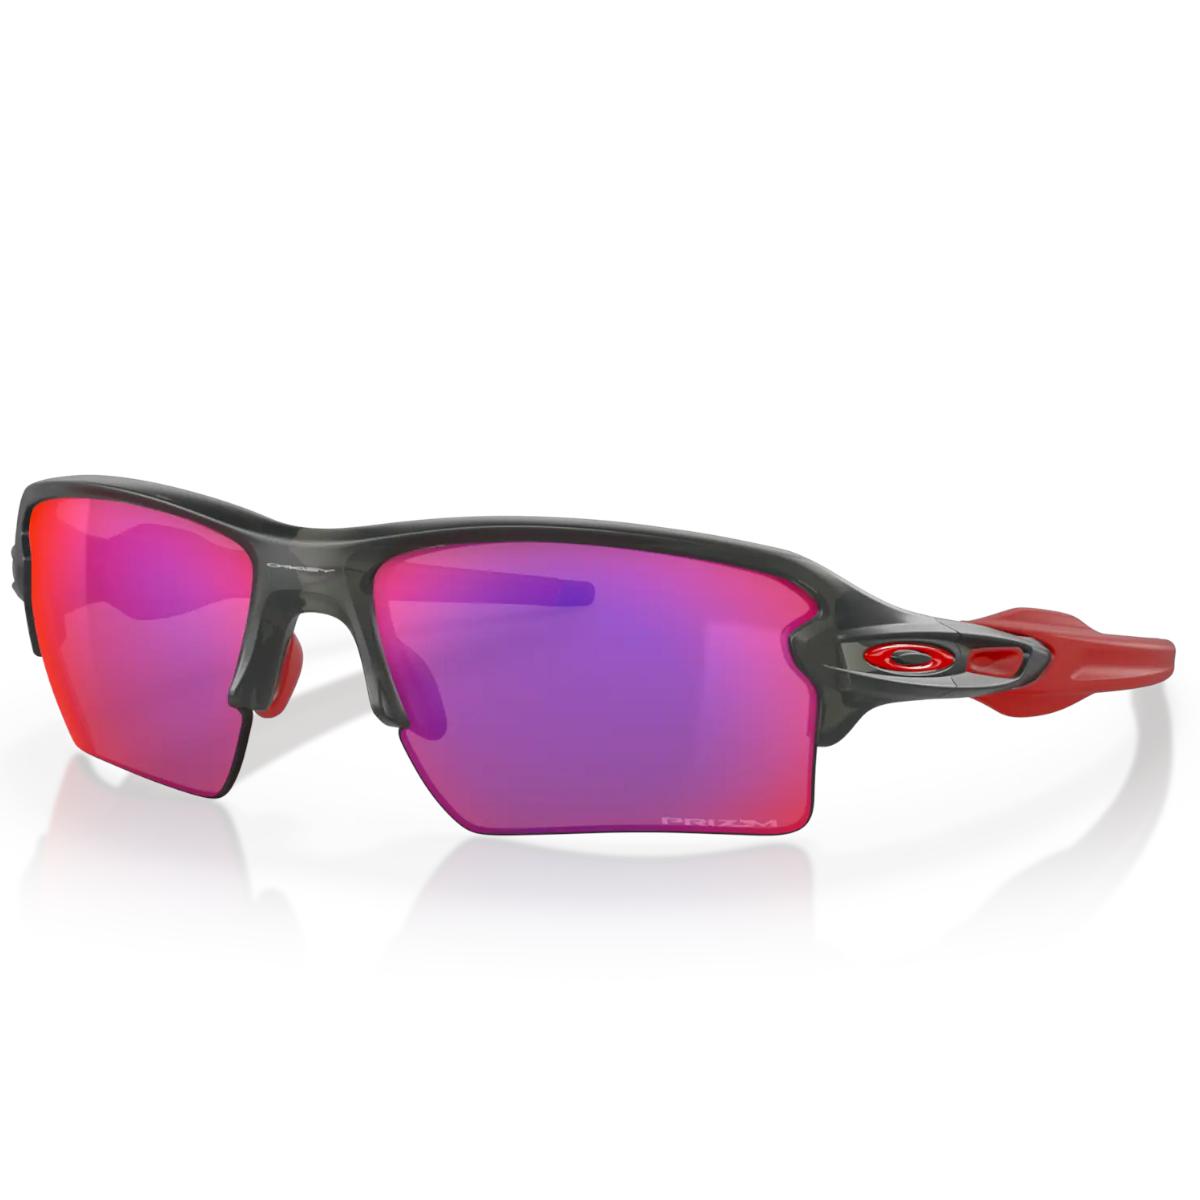 Óculos Oakley Flak 2.0 Xl Matte Grey Smoke Prizm Road